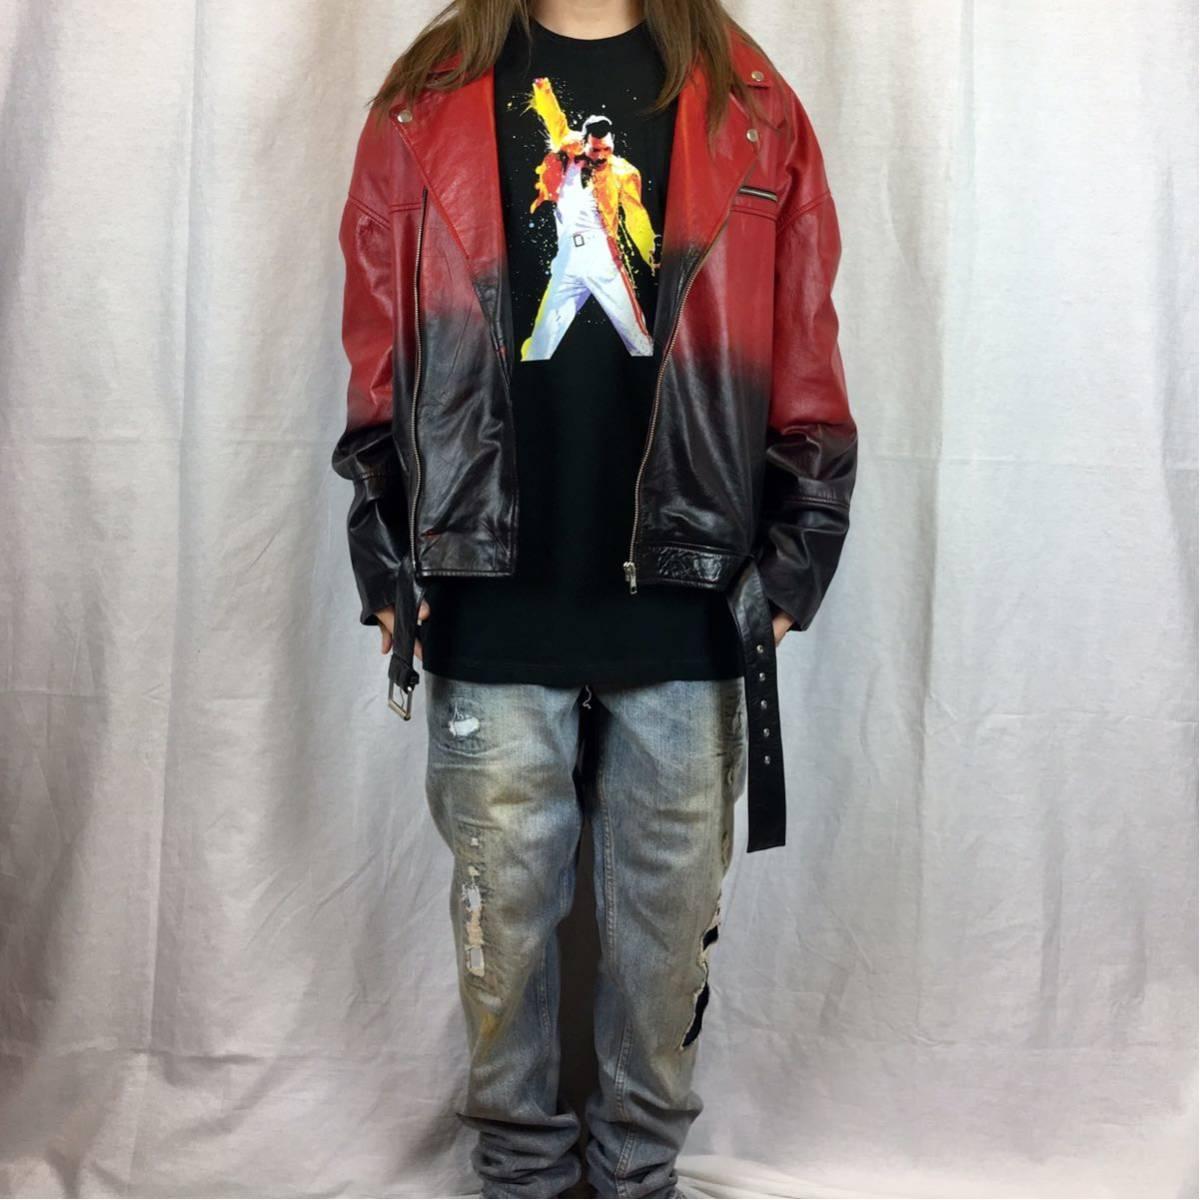 新品 大きい オーバー サイズ XXL 3XL 4XL 5XL 対応 クイーン フレディマーキュリー ボヘミアンラプソディ ビッグ 黒 Tシャツ ロンT 可能_画像5